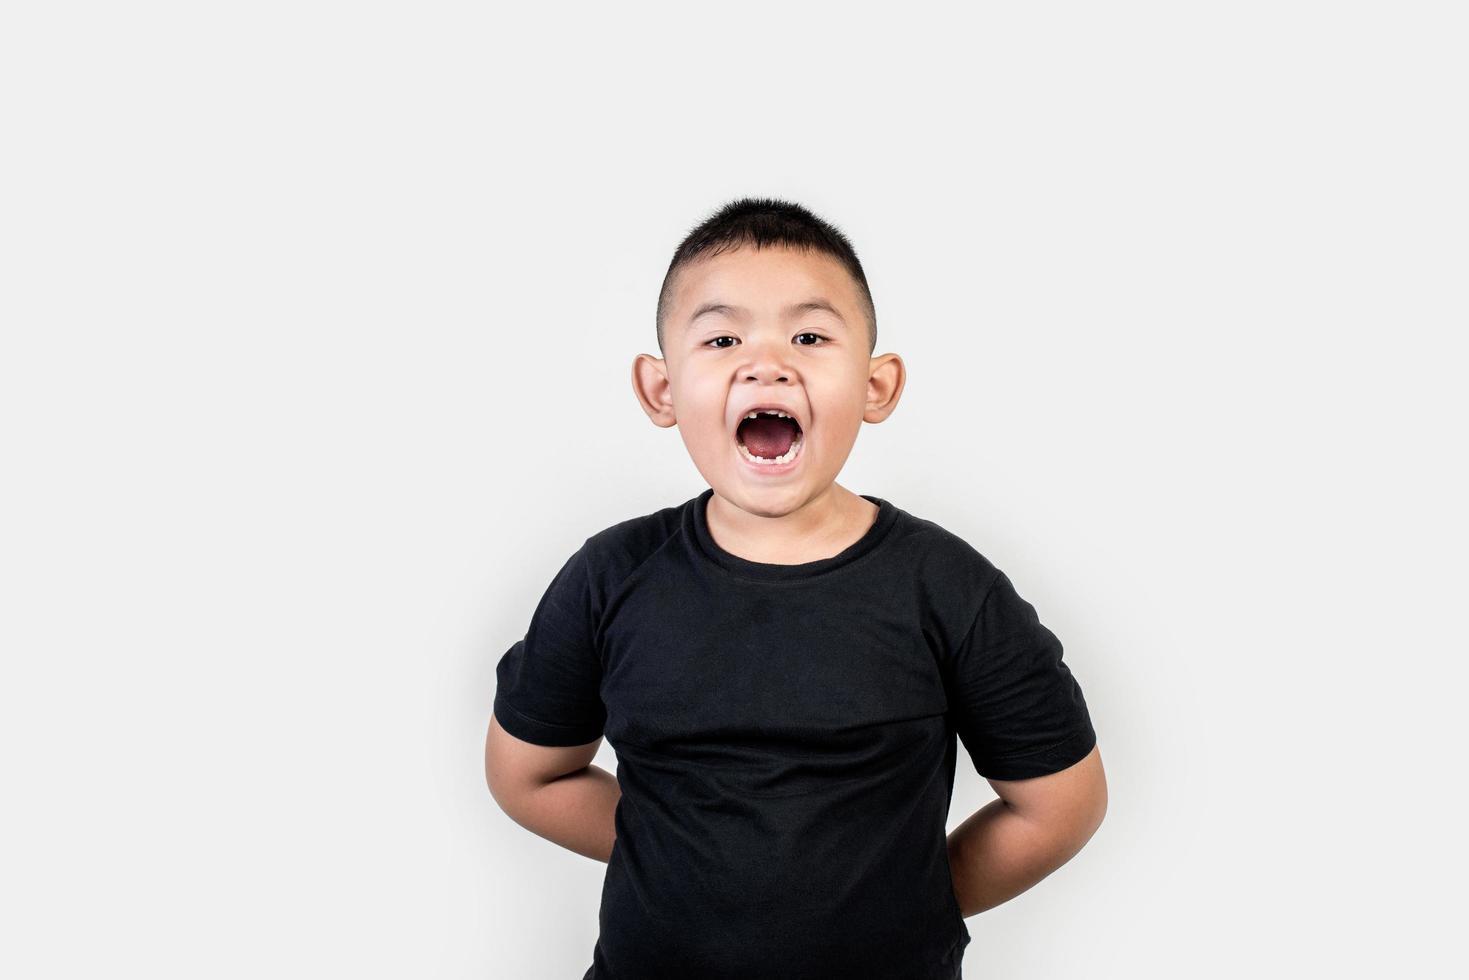 Foto de estudio de niño de retrato divertido.